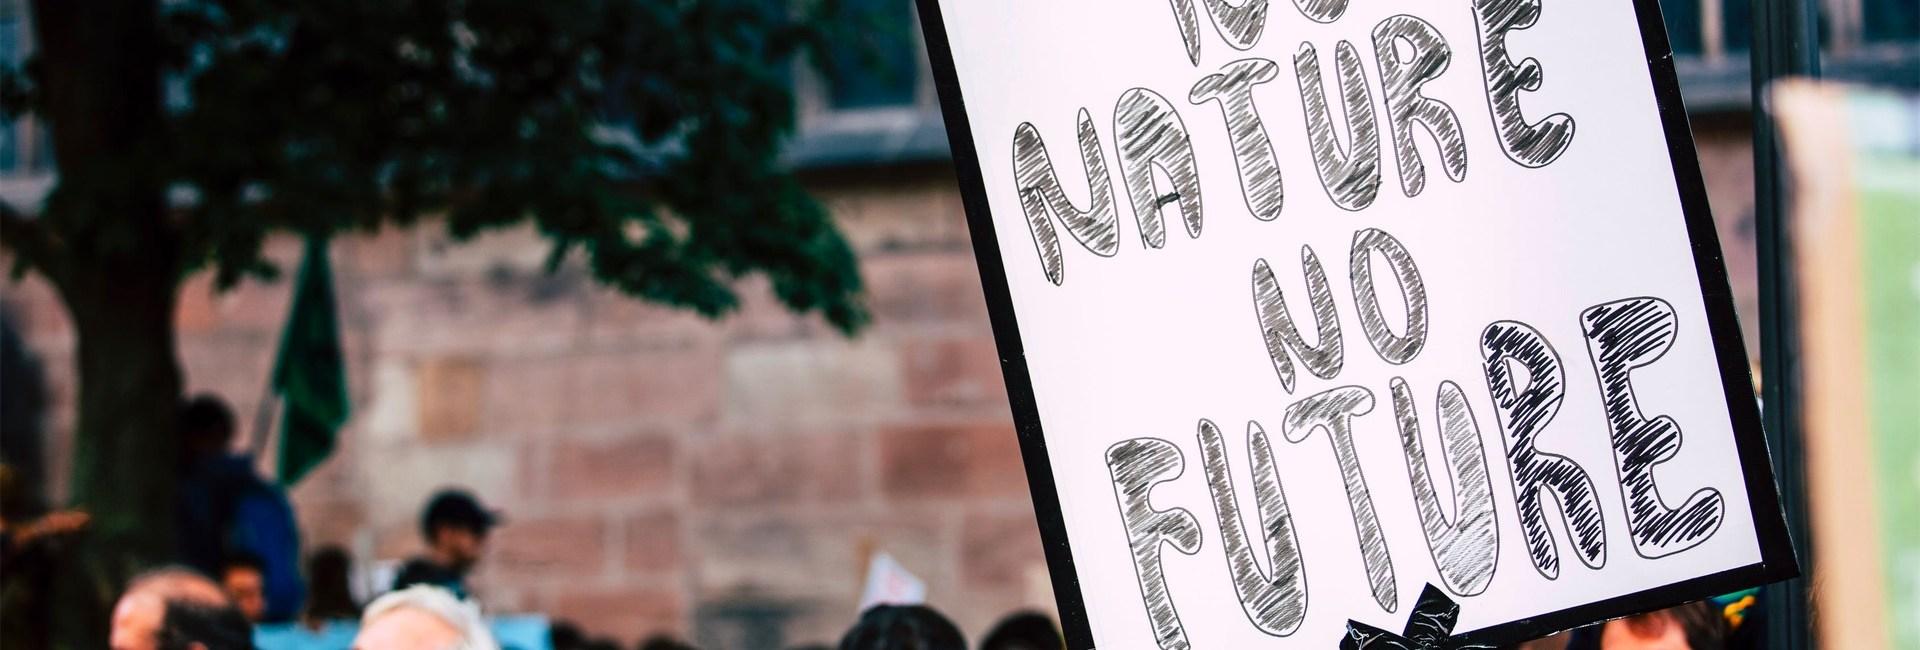 no-nature-no-future